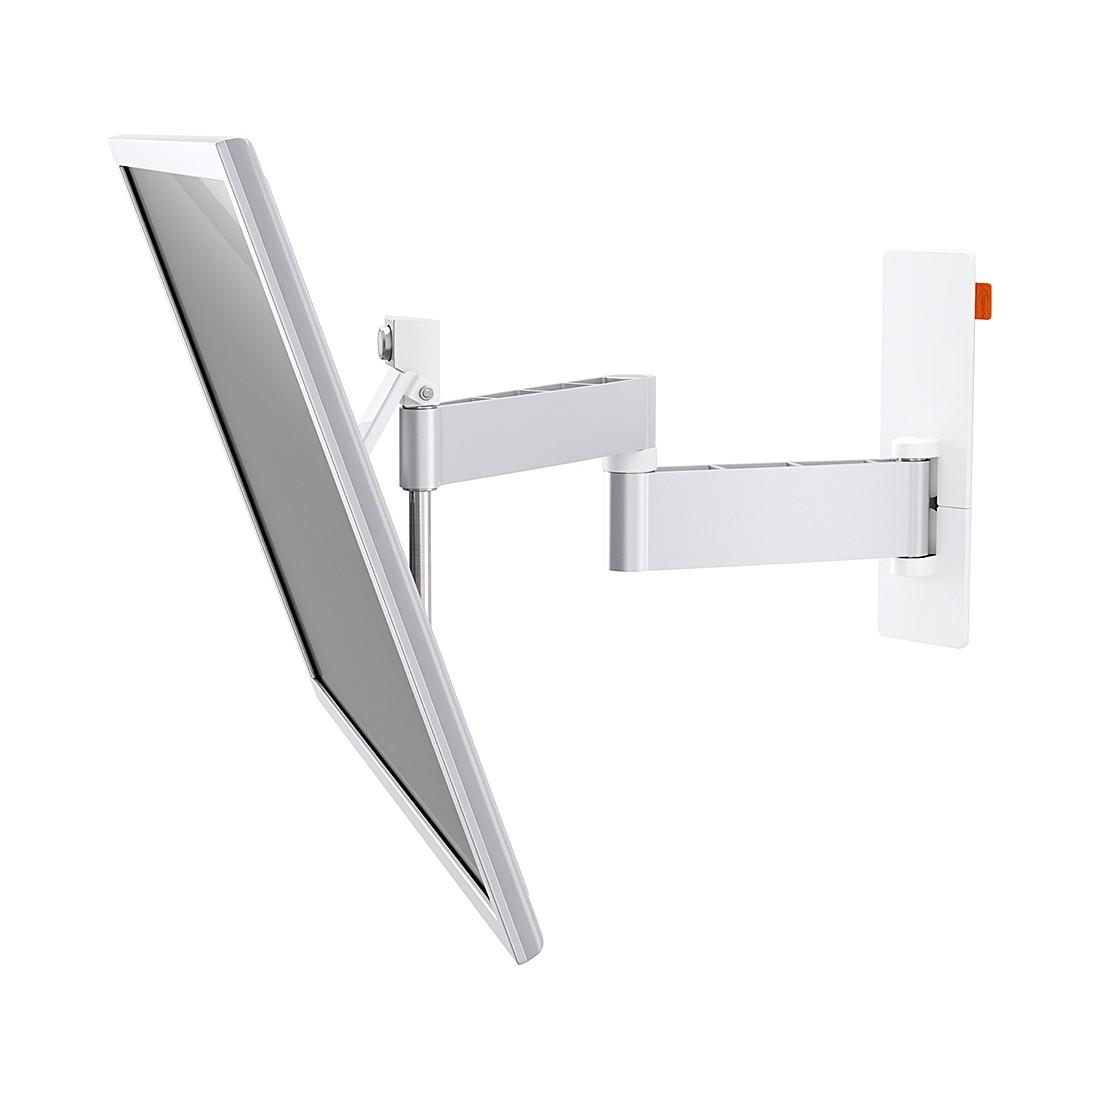 TV-Wandhalterung Wall 2245 (Weiß), Vogel's jetzt bestellen